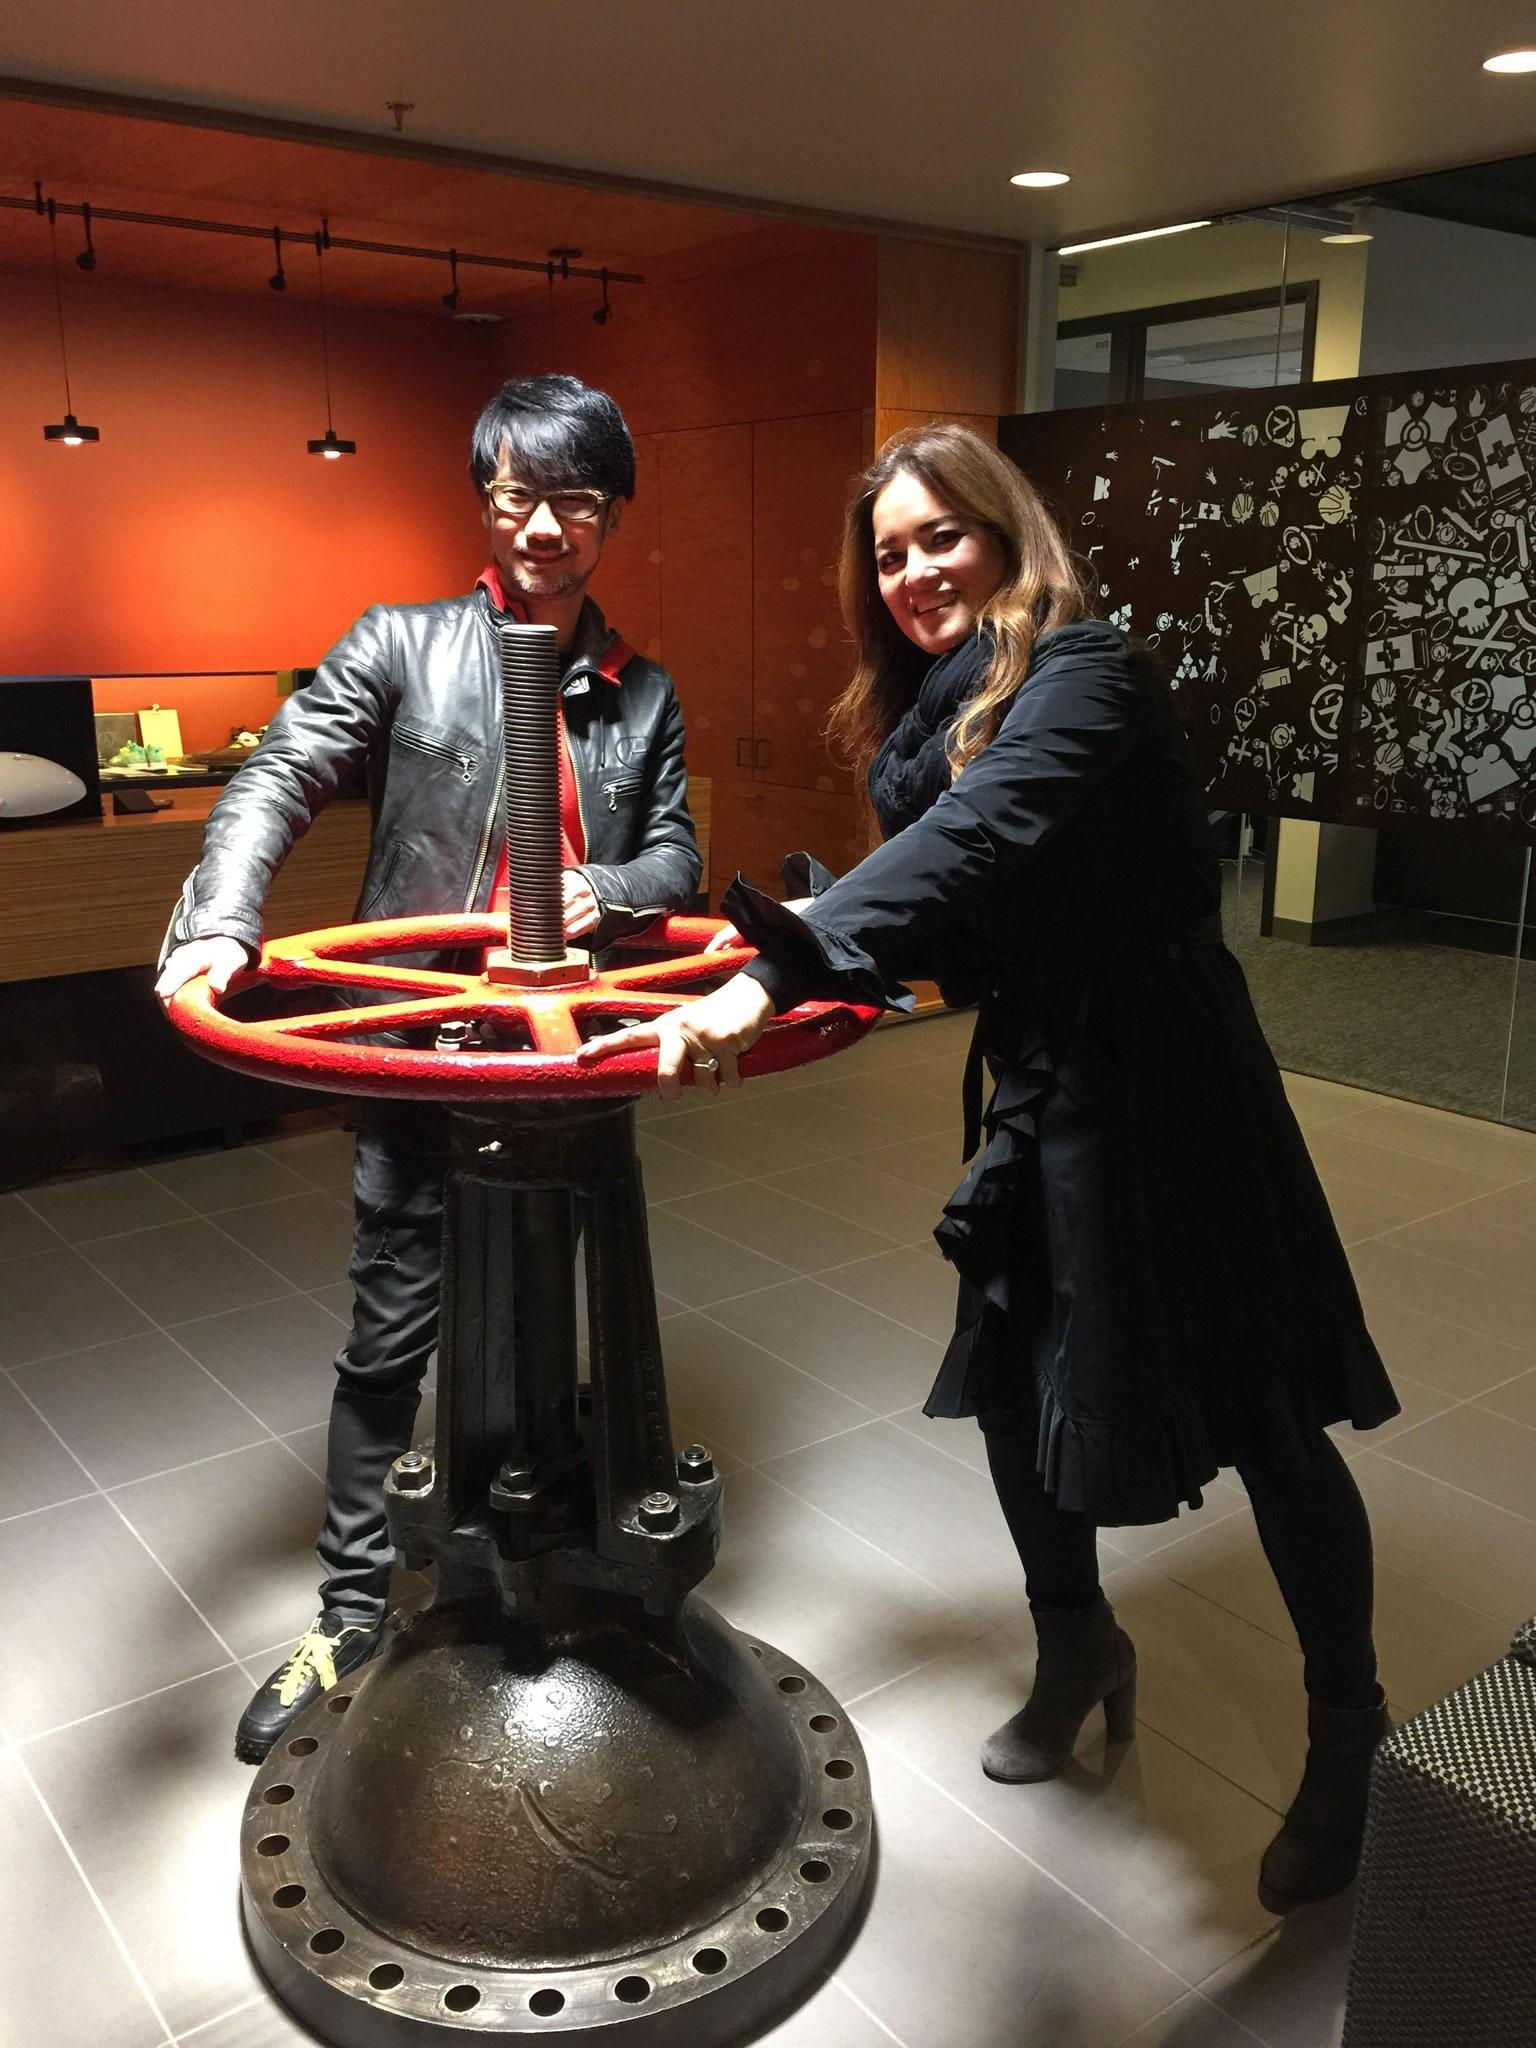 « Quel grand plaisir d'être en compagnie de Hideo Kojima à Seattle aujourd'hui. Prochain arrêt : Valve ! » – Prologue Immersive, le 18 octobre 2016